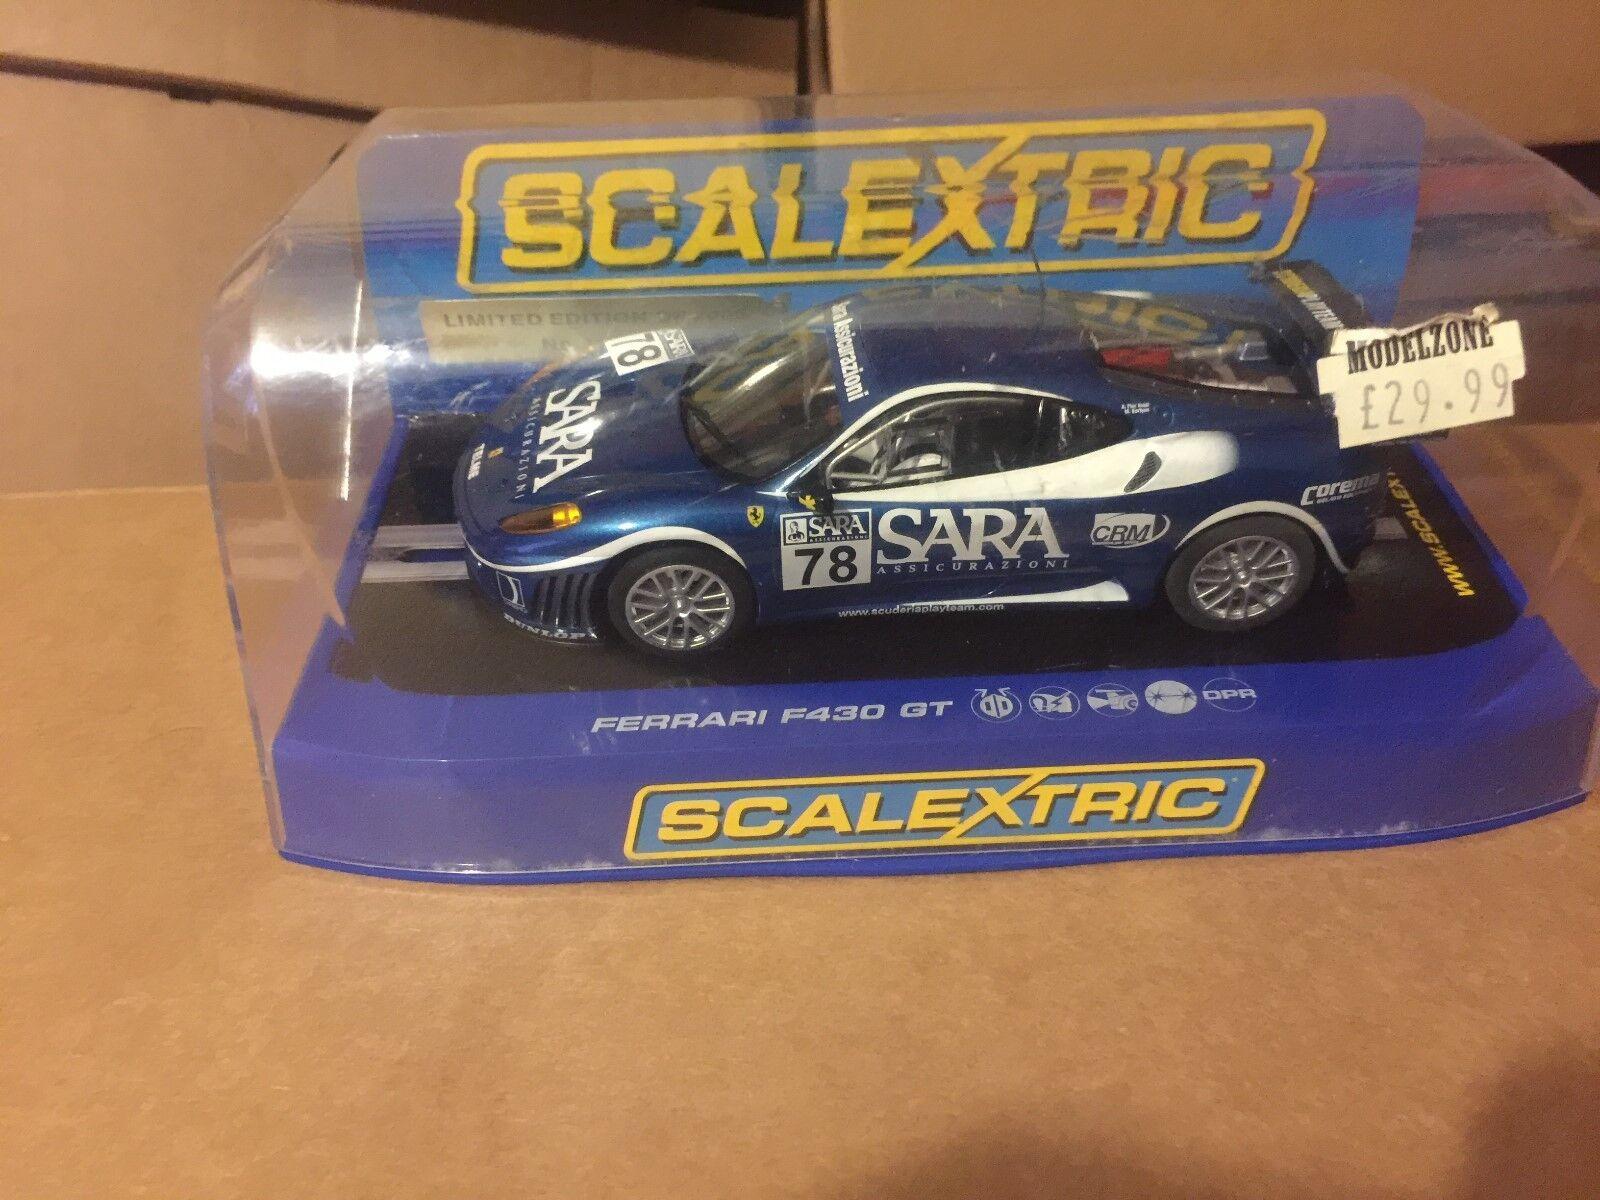 Scalextric C2835 Ferrari F430 GT Scuderia Playteam Sara L e 1670 2000